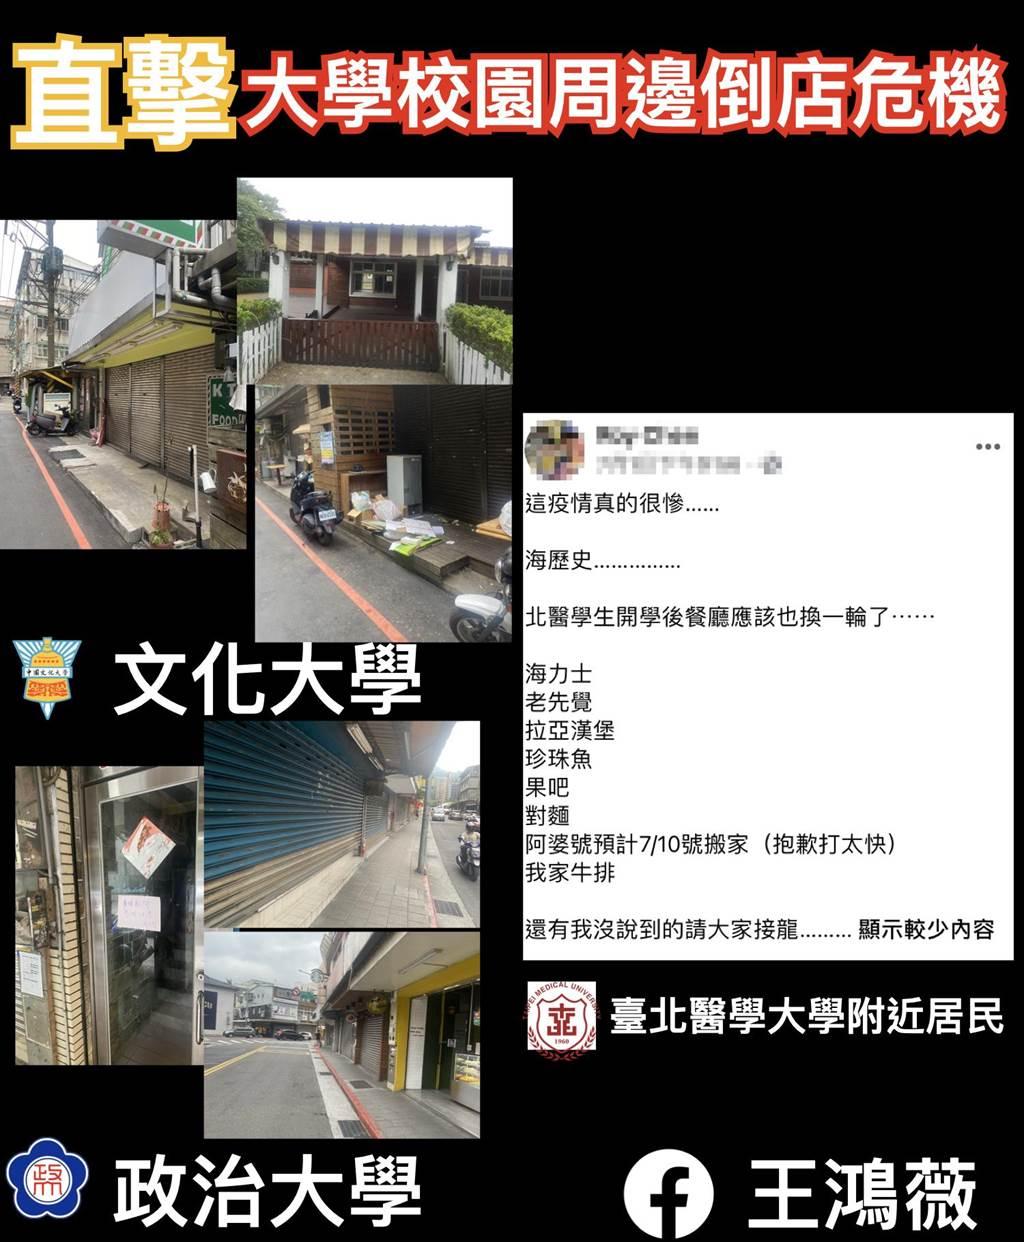 北市議員王鴻薇近期針對大學商圈進行調查,發現不少地區已出現倒店潮。(王鴻薇提供)